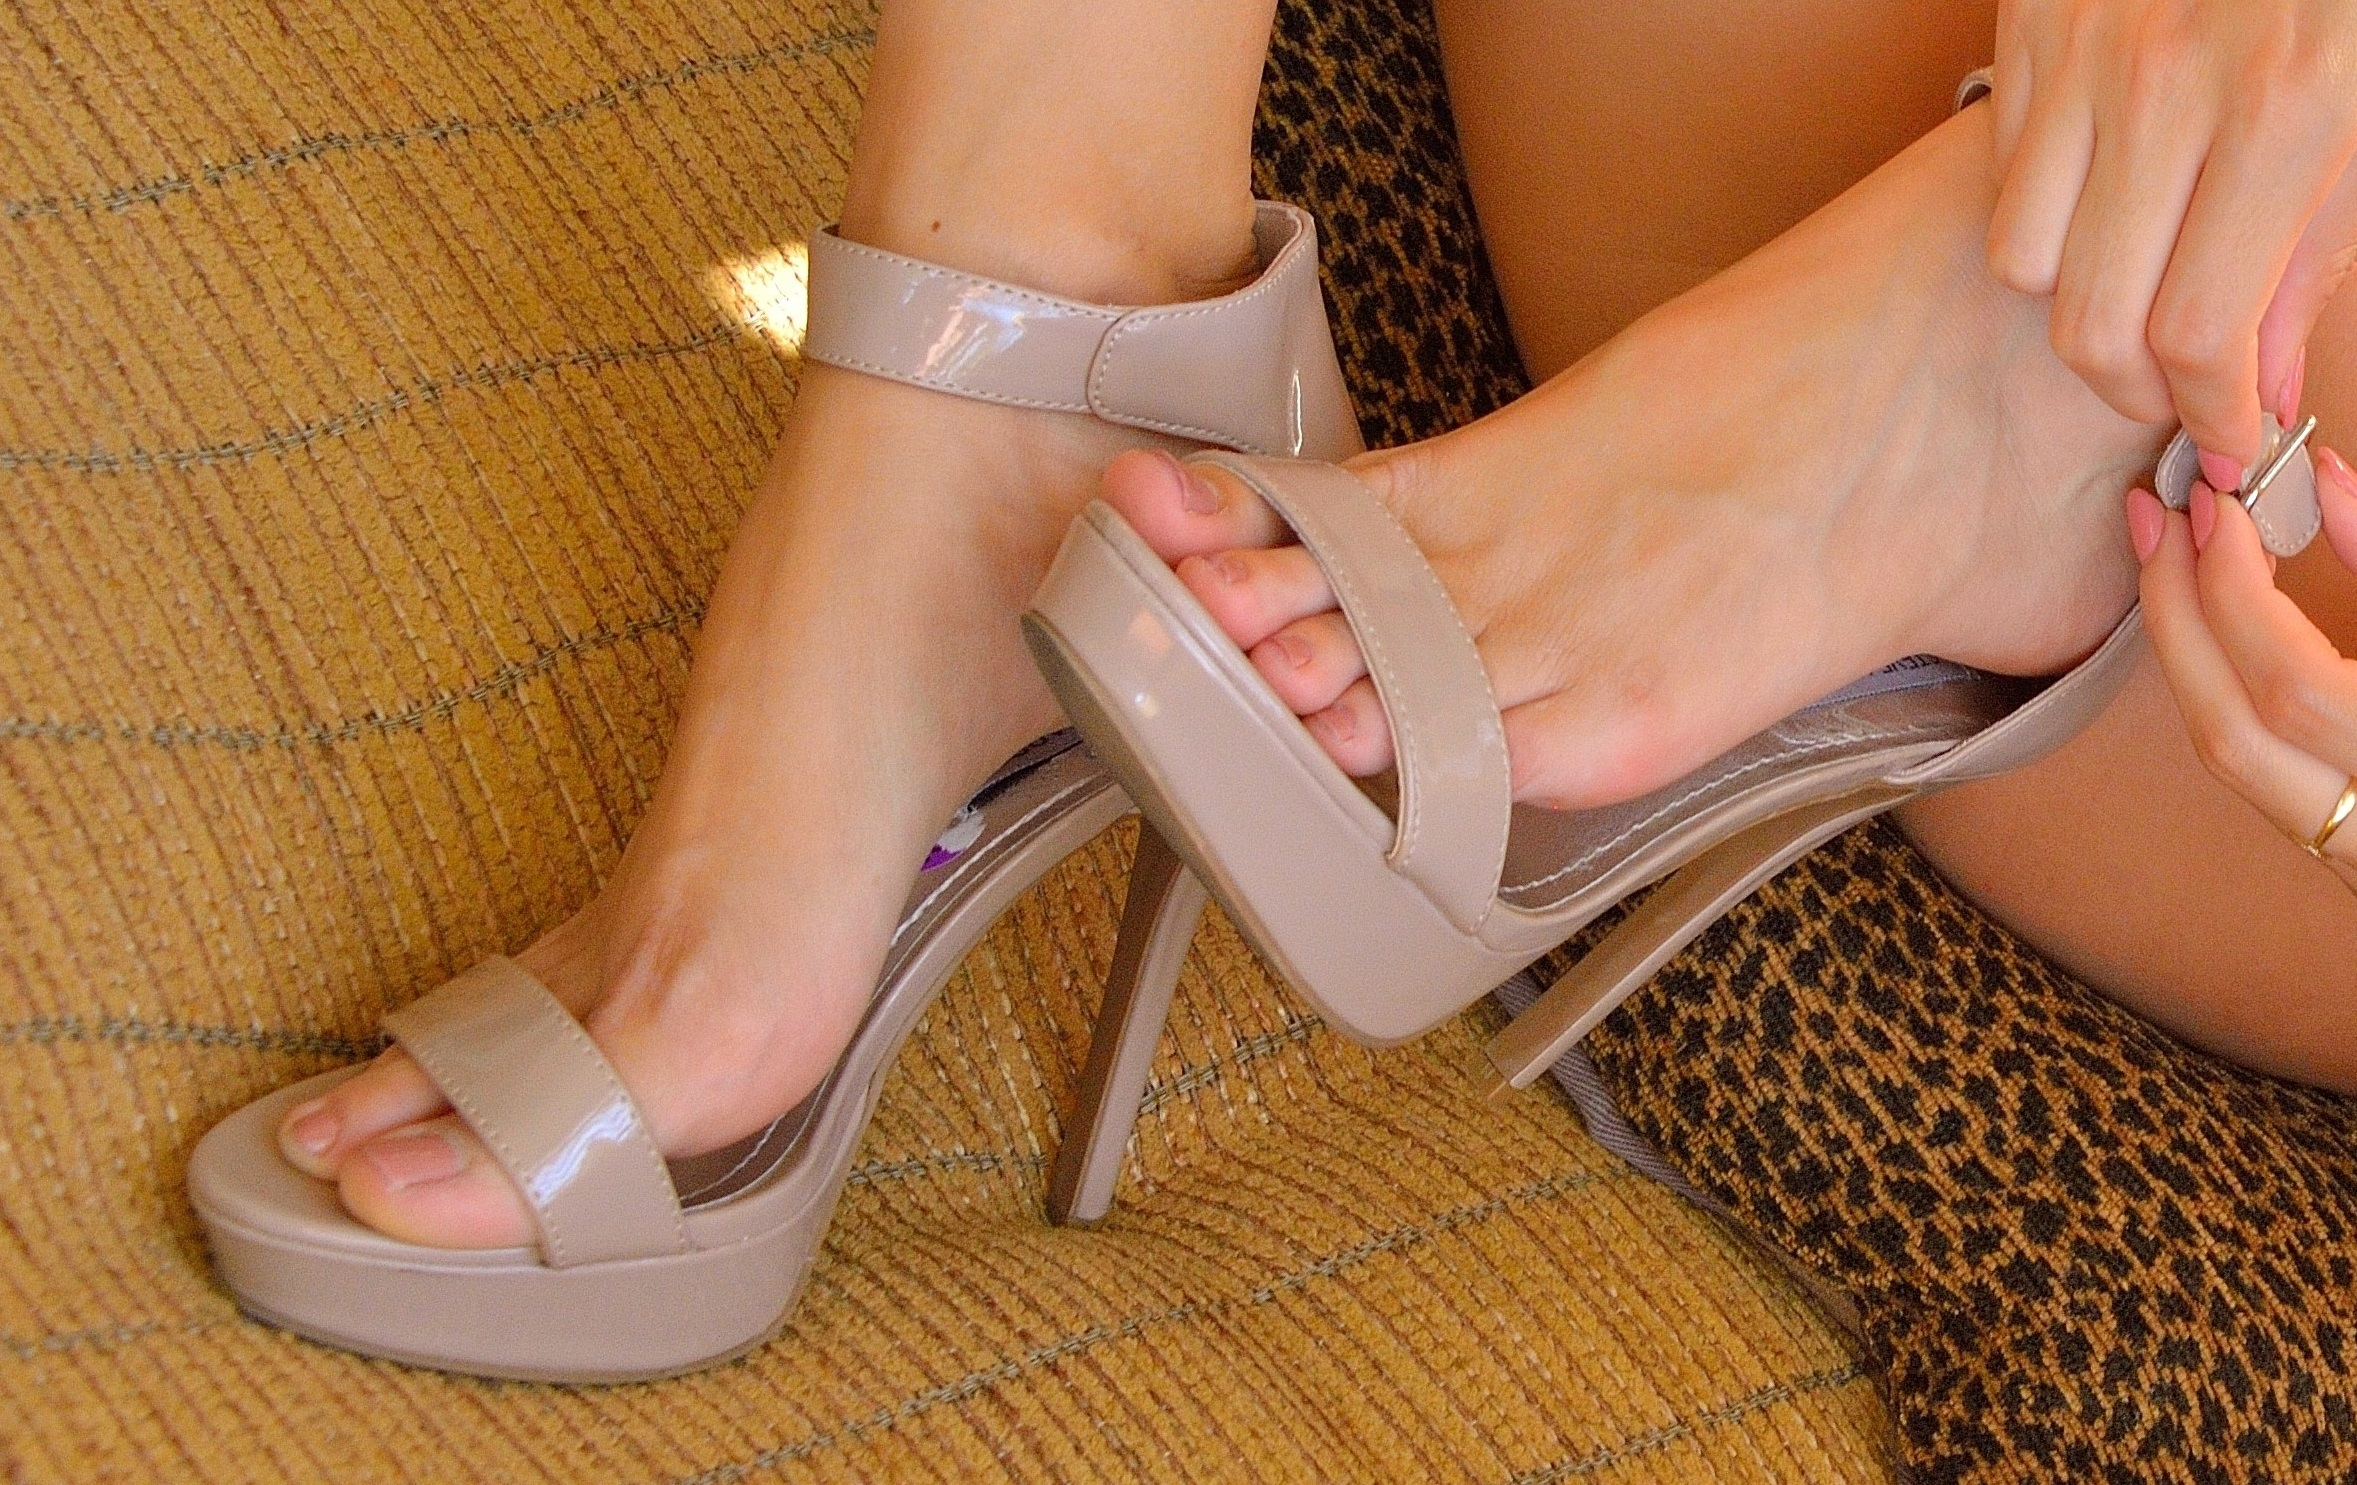 Nina north feet